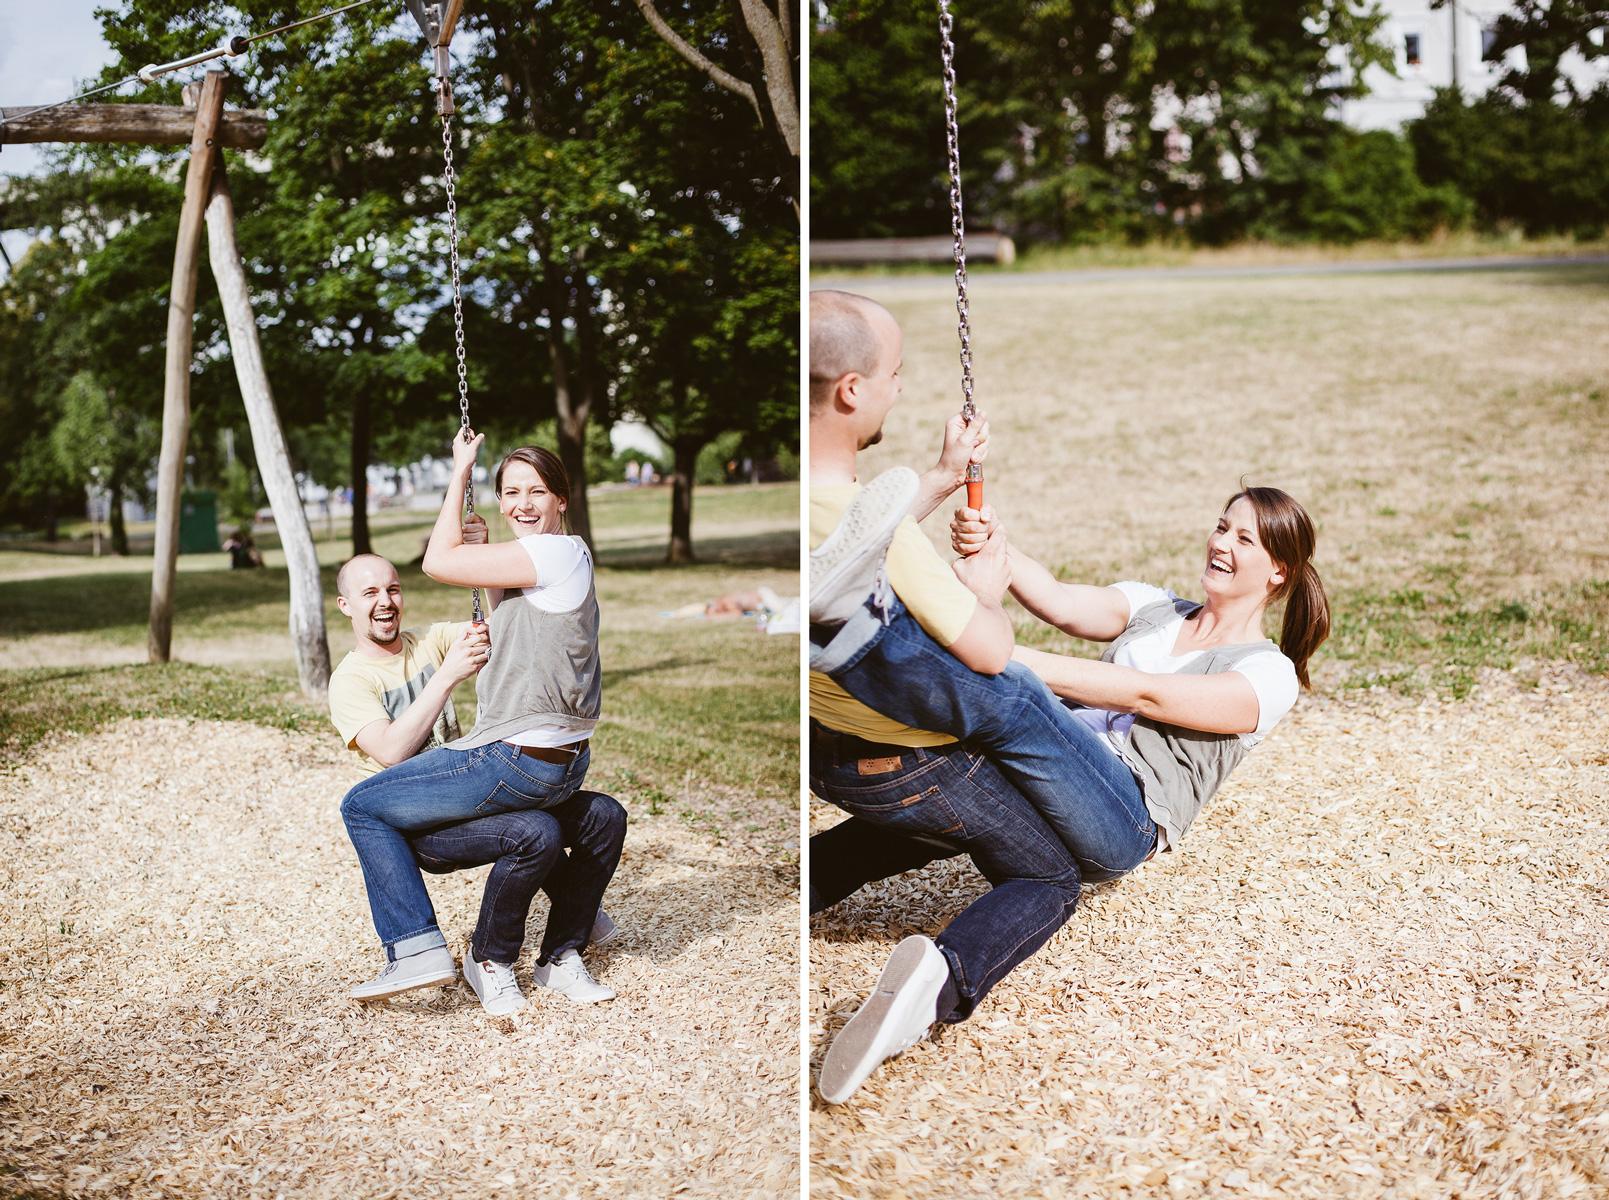 Tina-und-Paul-Engagement-Foto-Avec-Amis-4